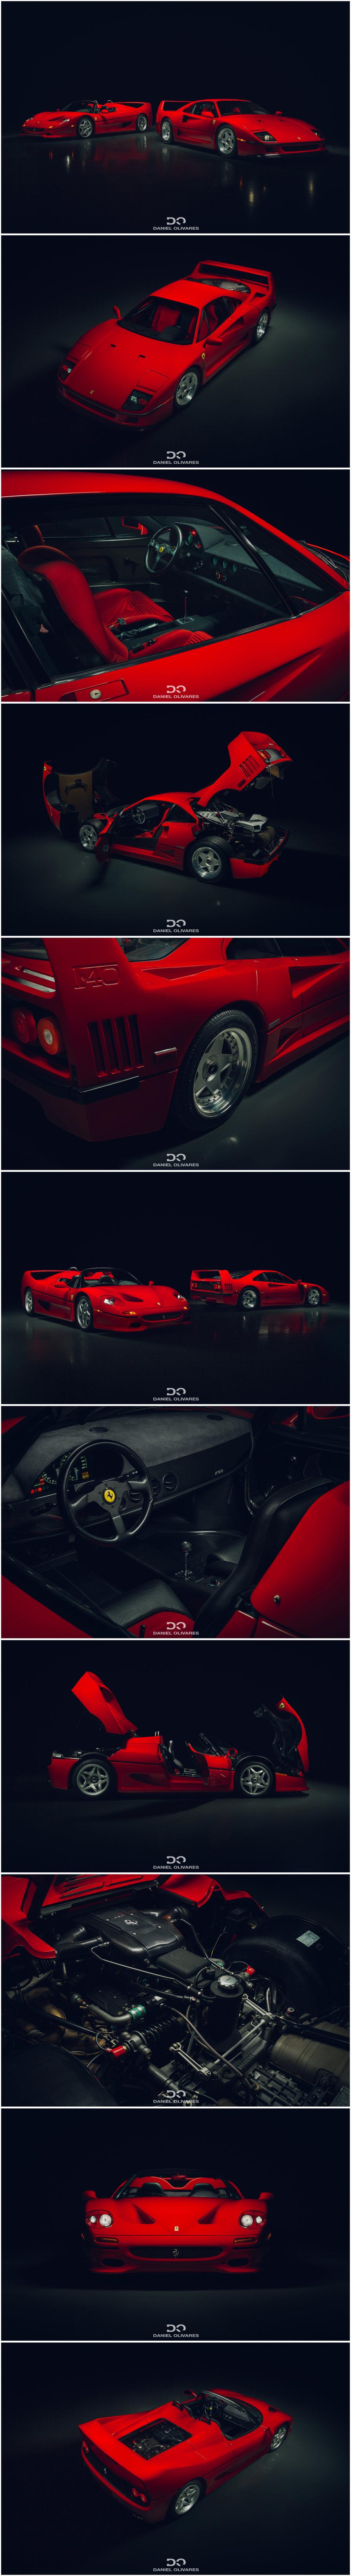 Ferrari F40 & F50.jpg